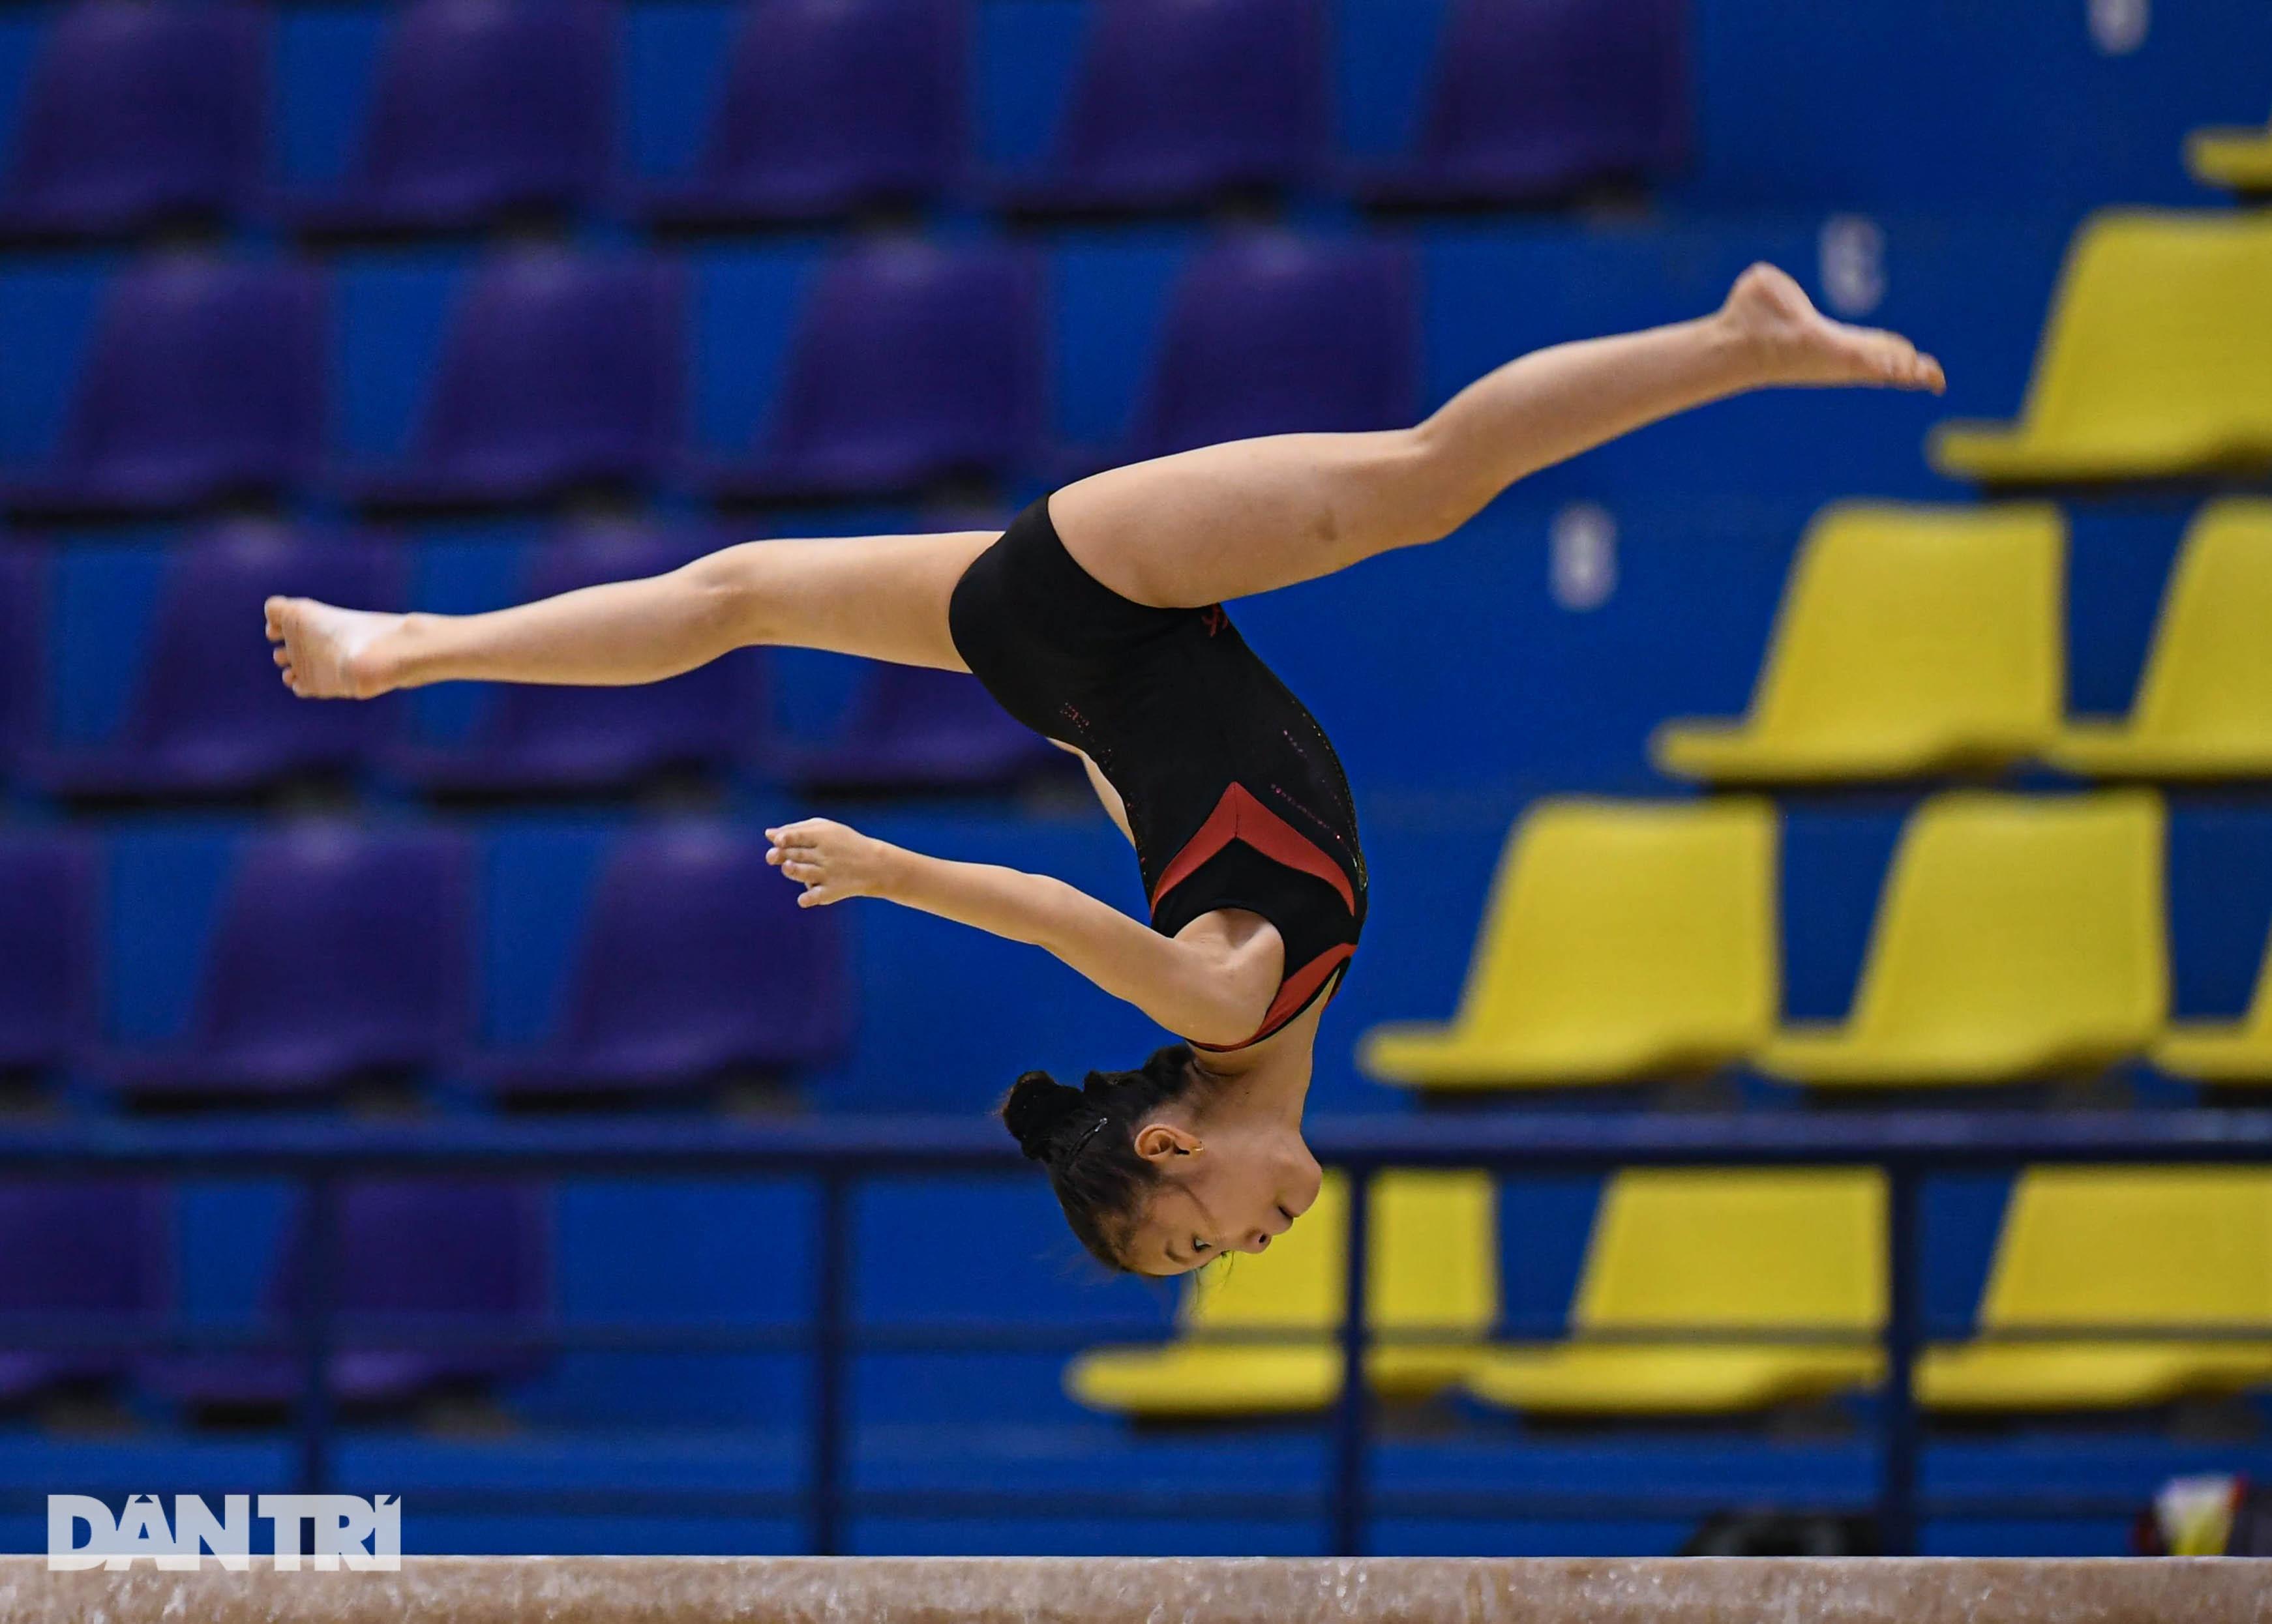 Mãn nhãn với những màn biểu diễn thể dục dụng cụ tại giải quốc gia - 14